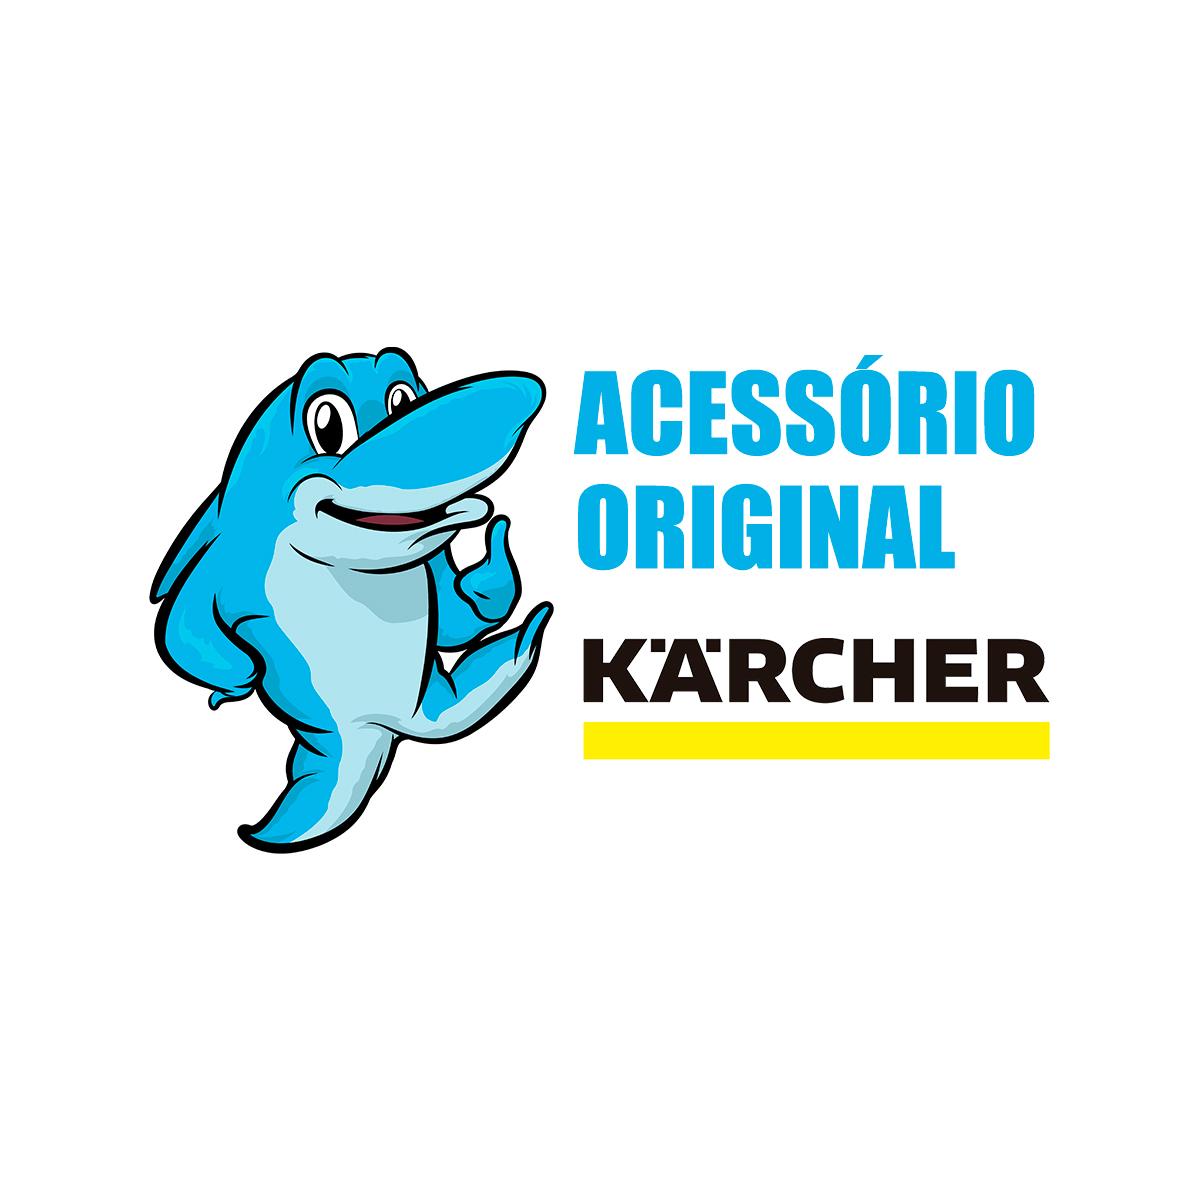 Porca Capa Para Lanças de Lavadoras Pressão Original Karcher